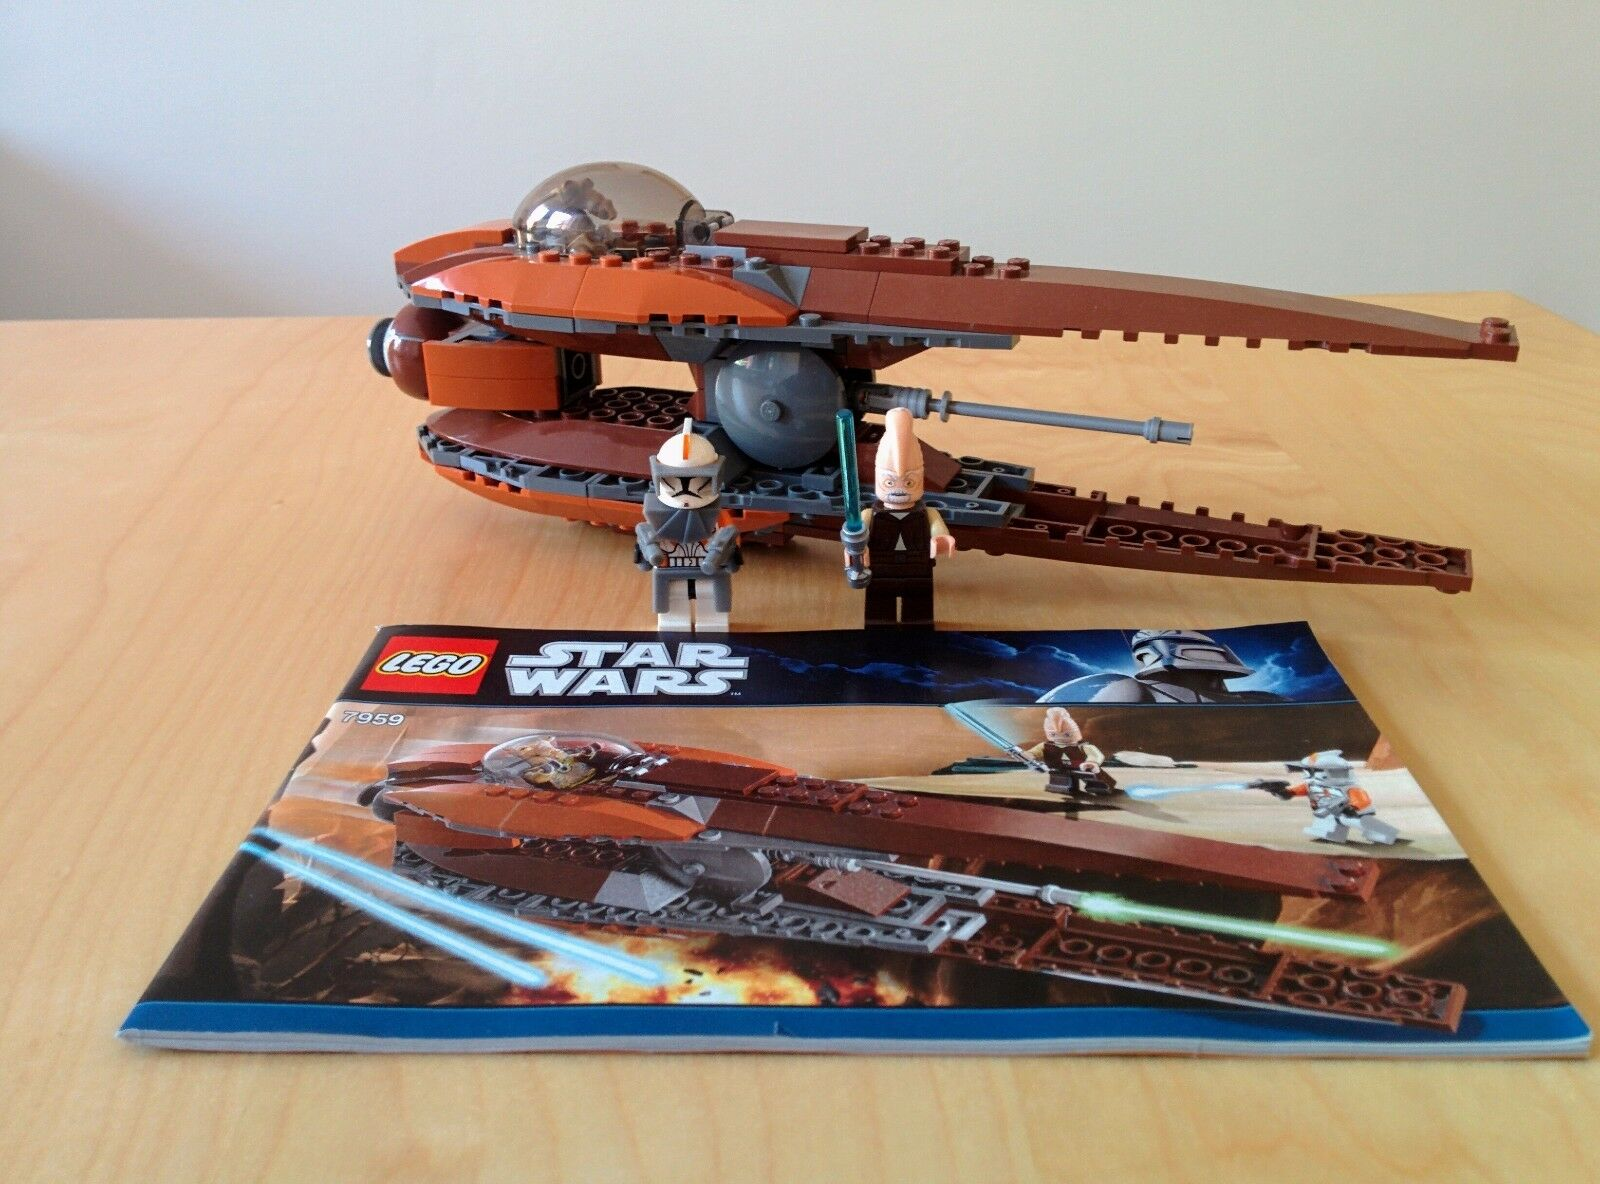 Lego Star Wars 7959